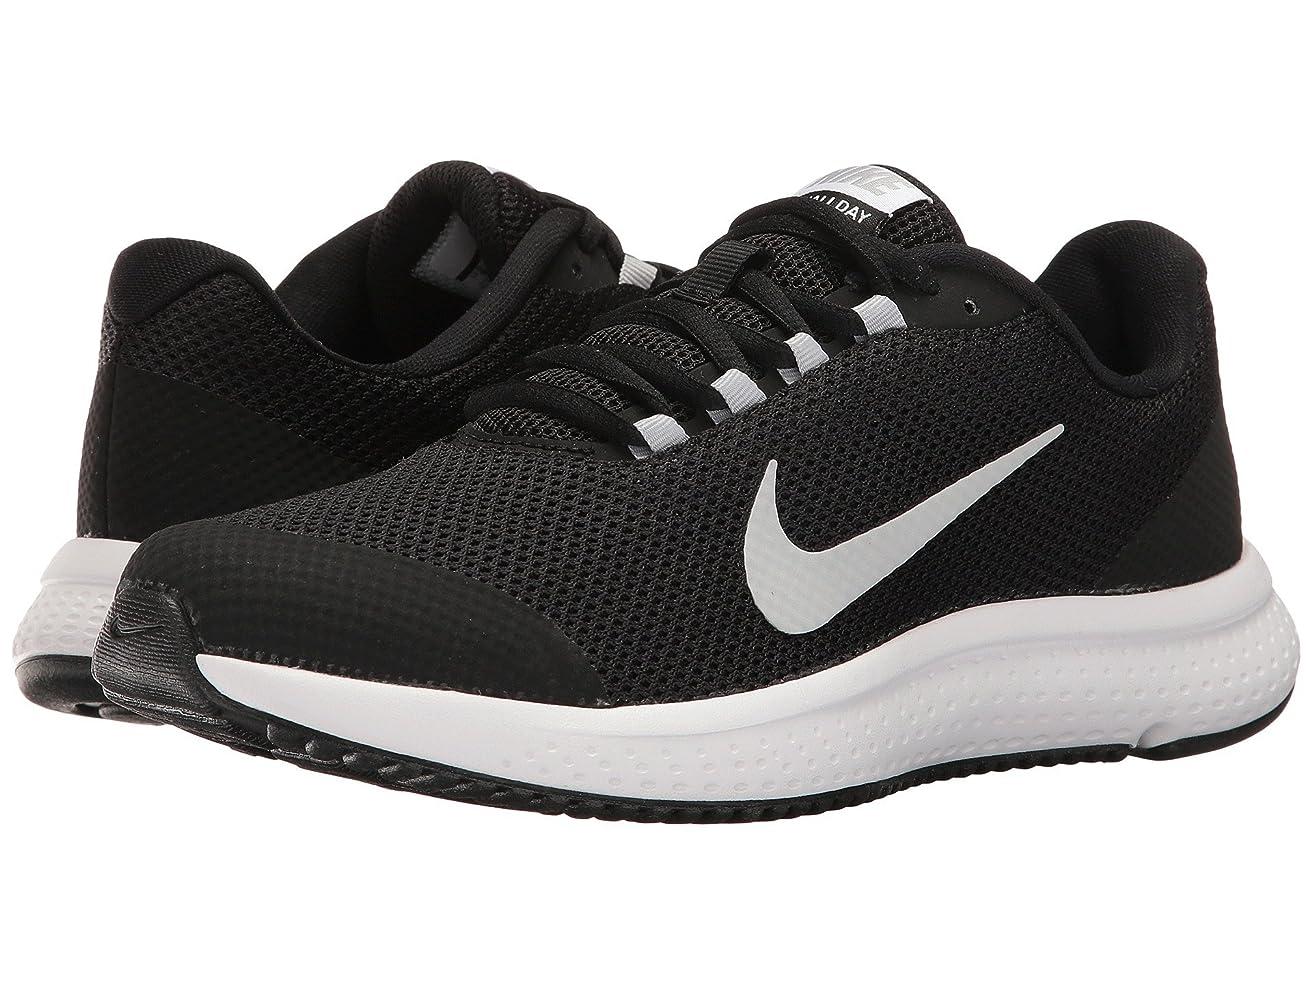 努力免除パズル(ナイキ) NIKE レディースランニングシューズ?スニーカー?靴 RunAllDay Black/White/Wolf Grey 8.5 (25.5cm) B - Medium